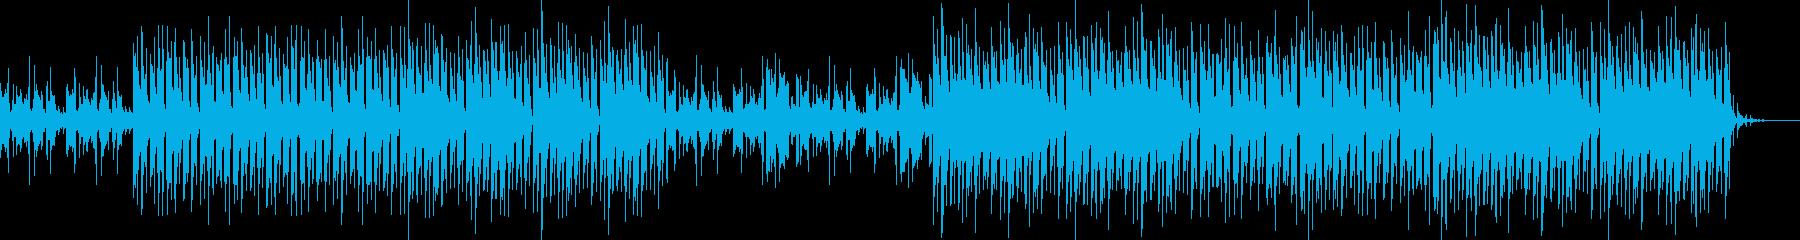 おしゃれ・クール・EDM・ハウス12の再生済みの波形